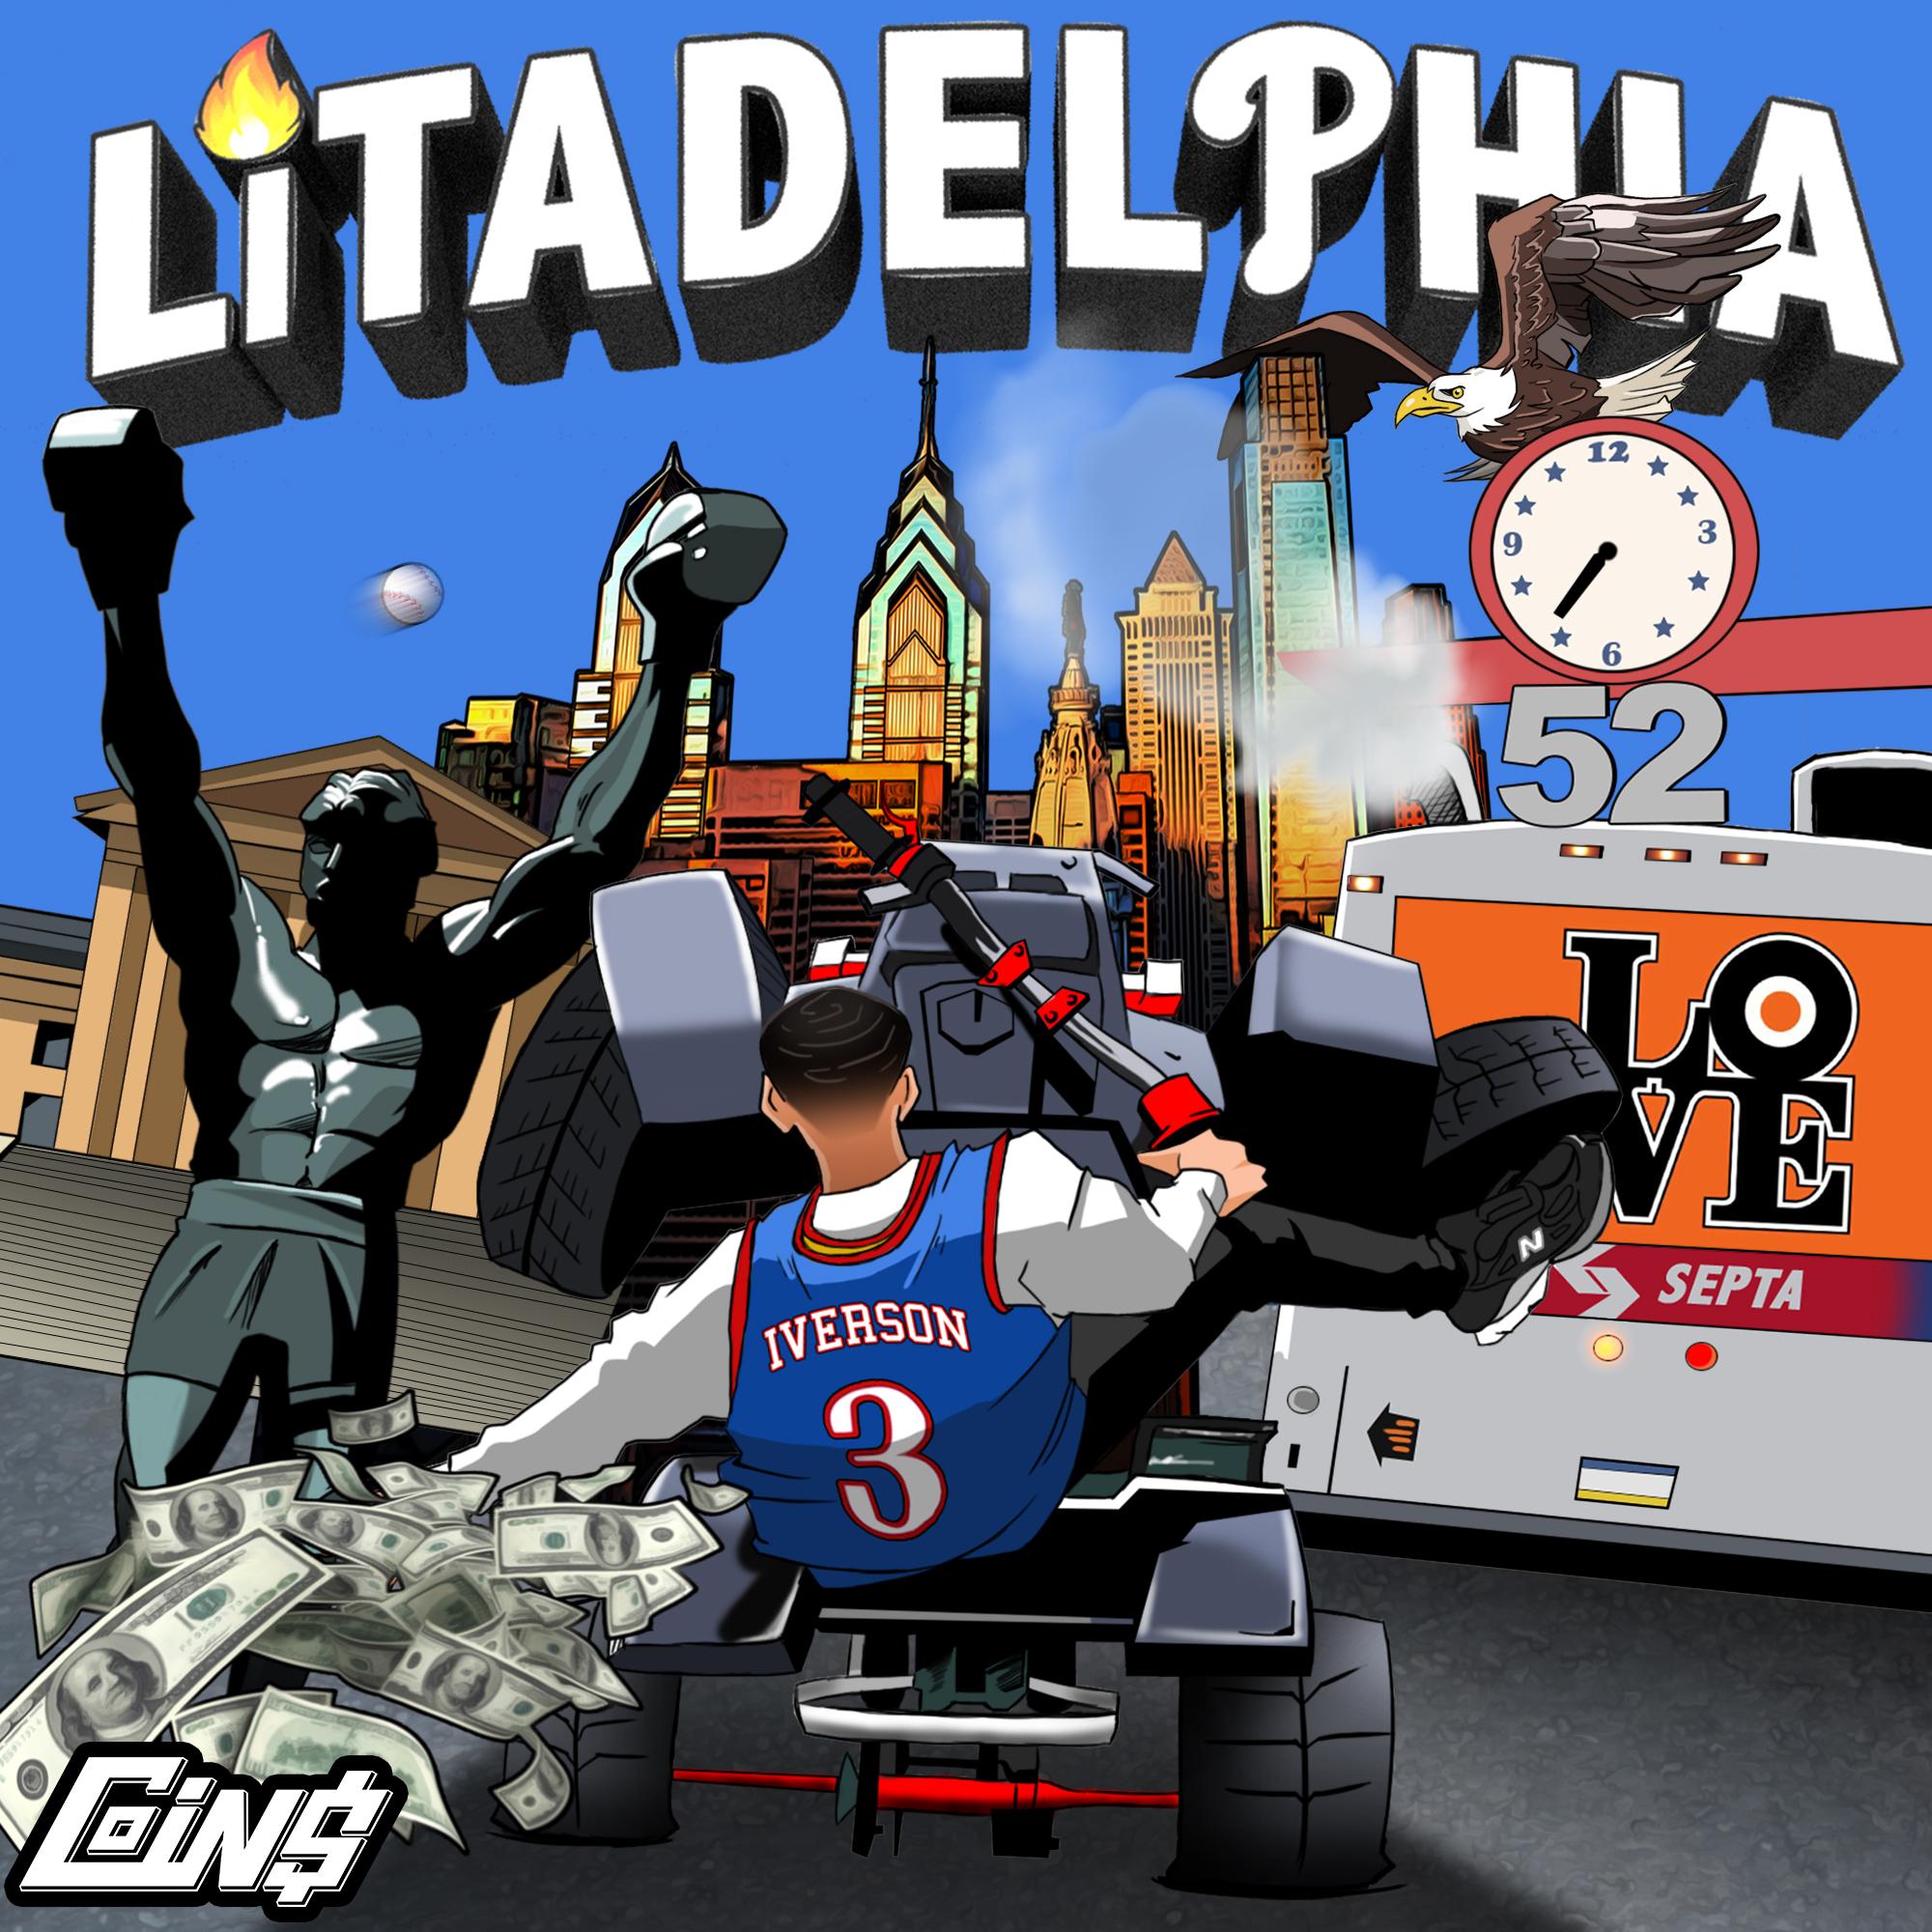 illphiadelphia cover